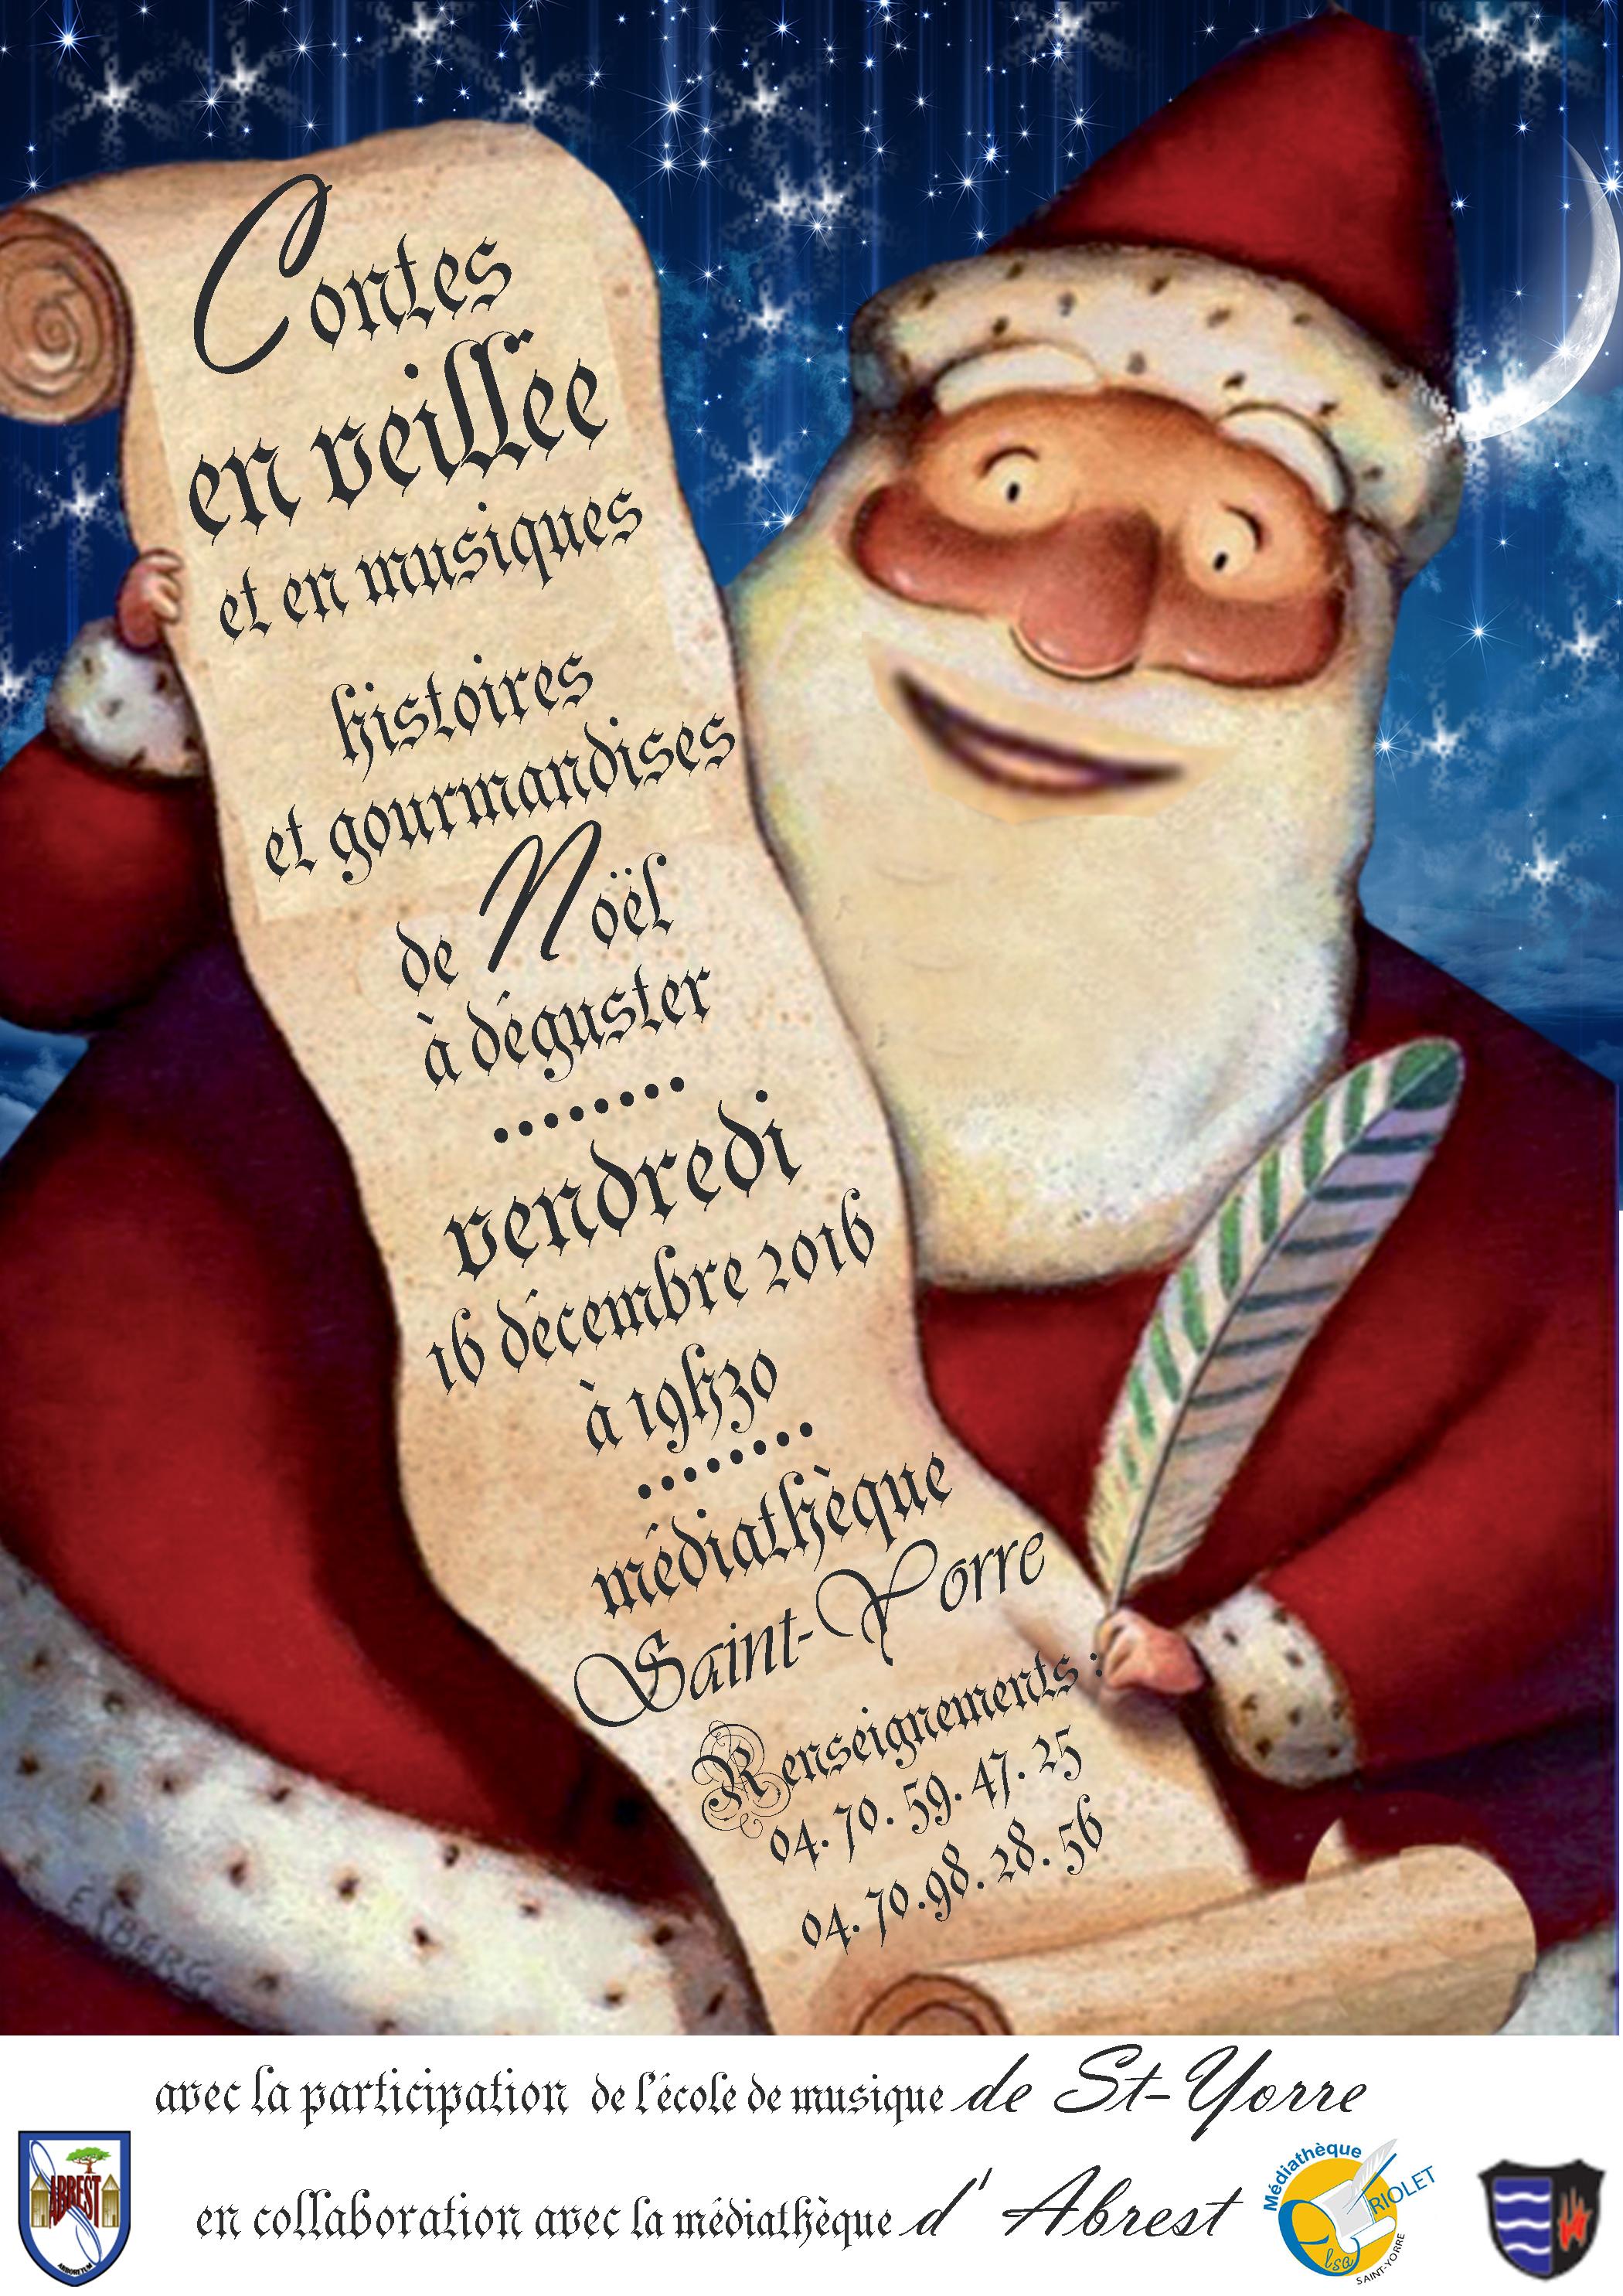 Veillée contes de Noël